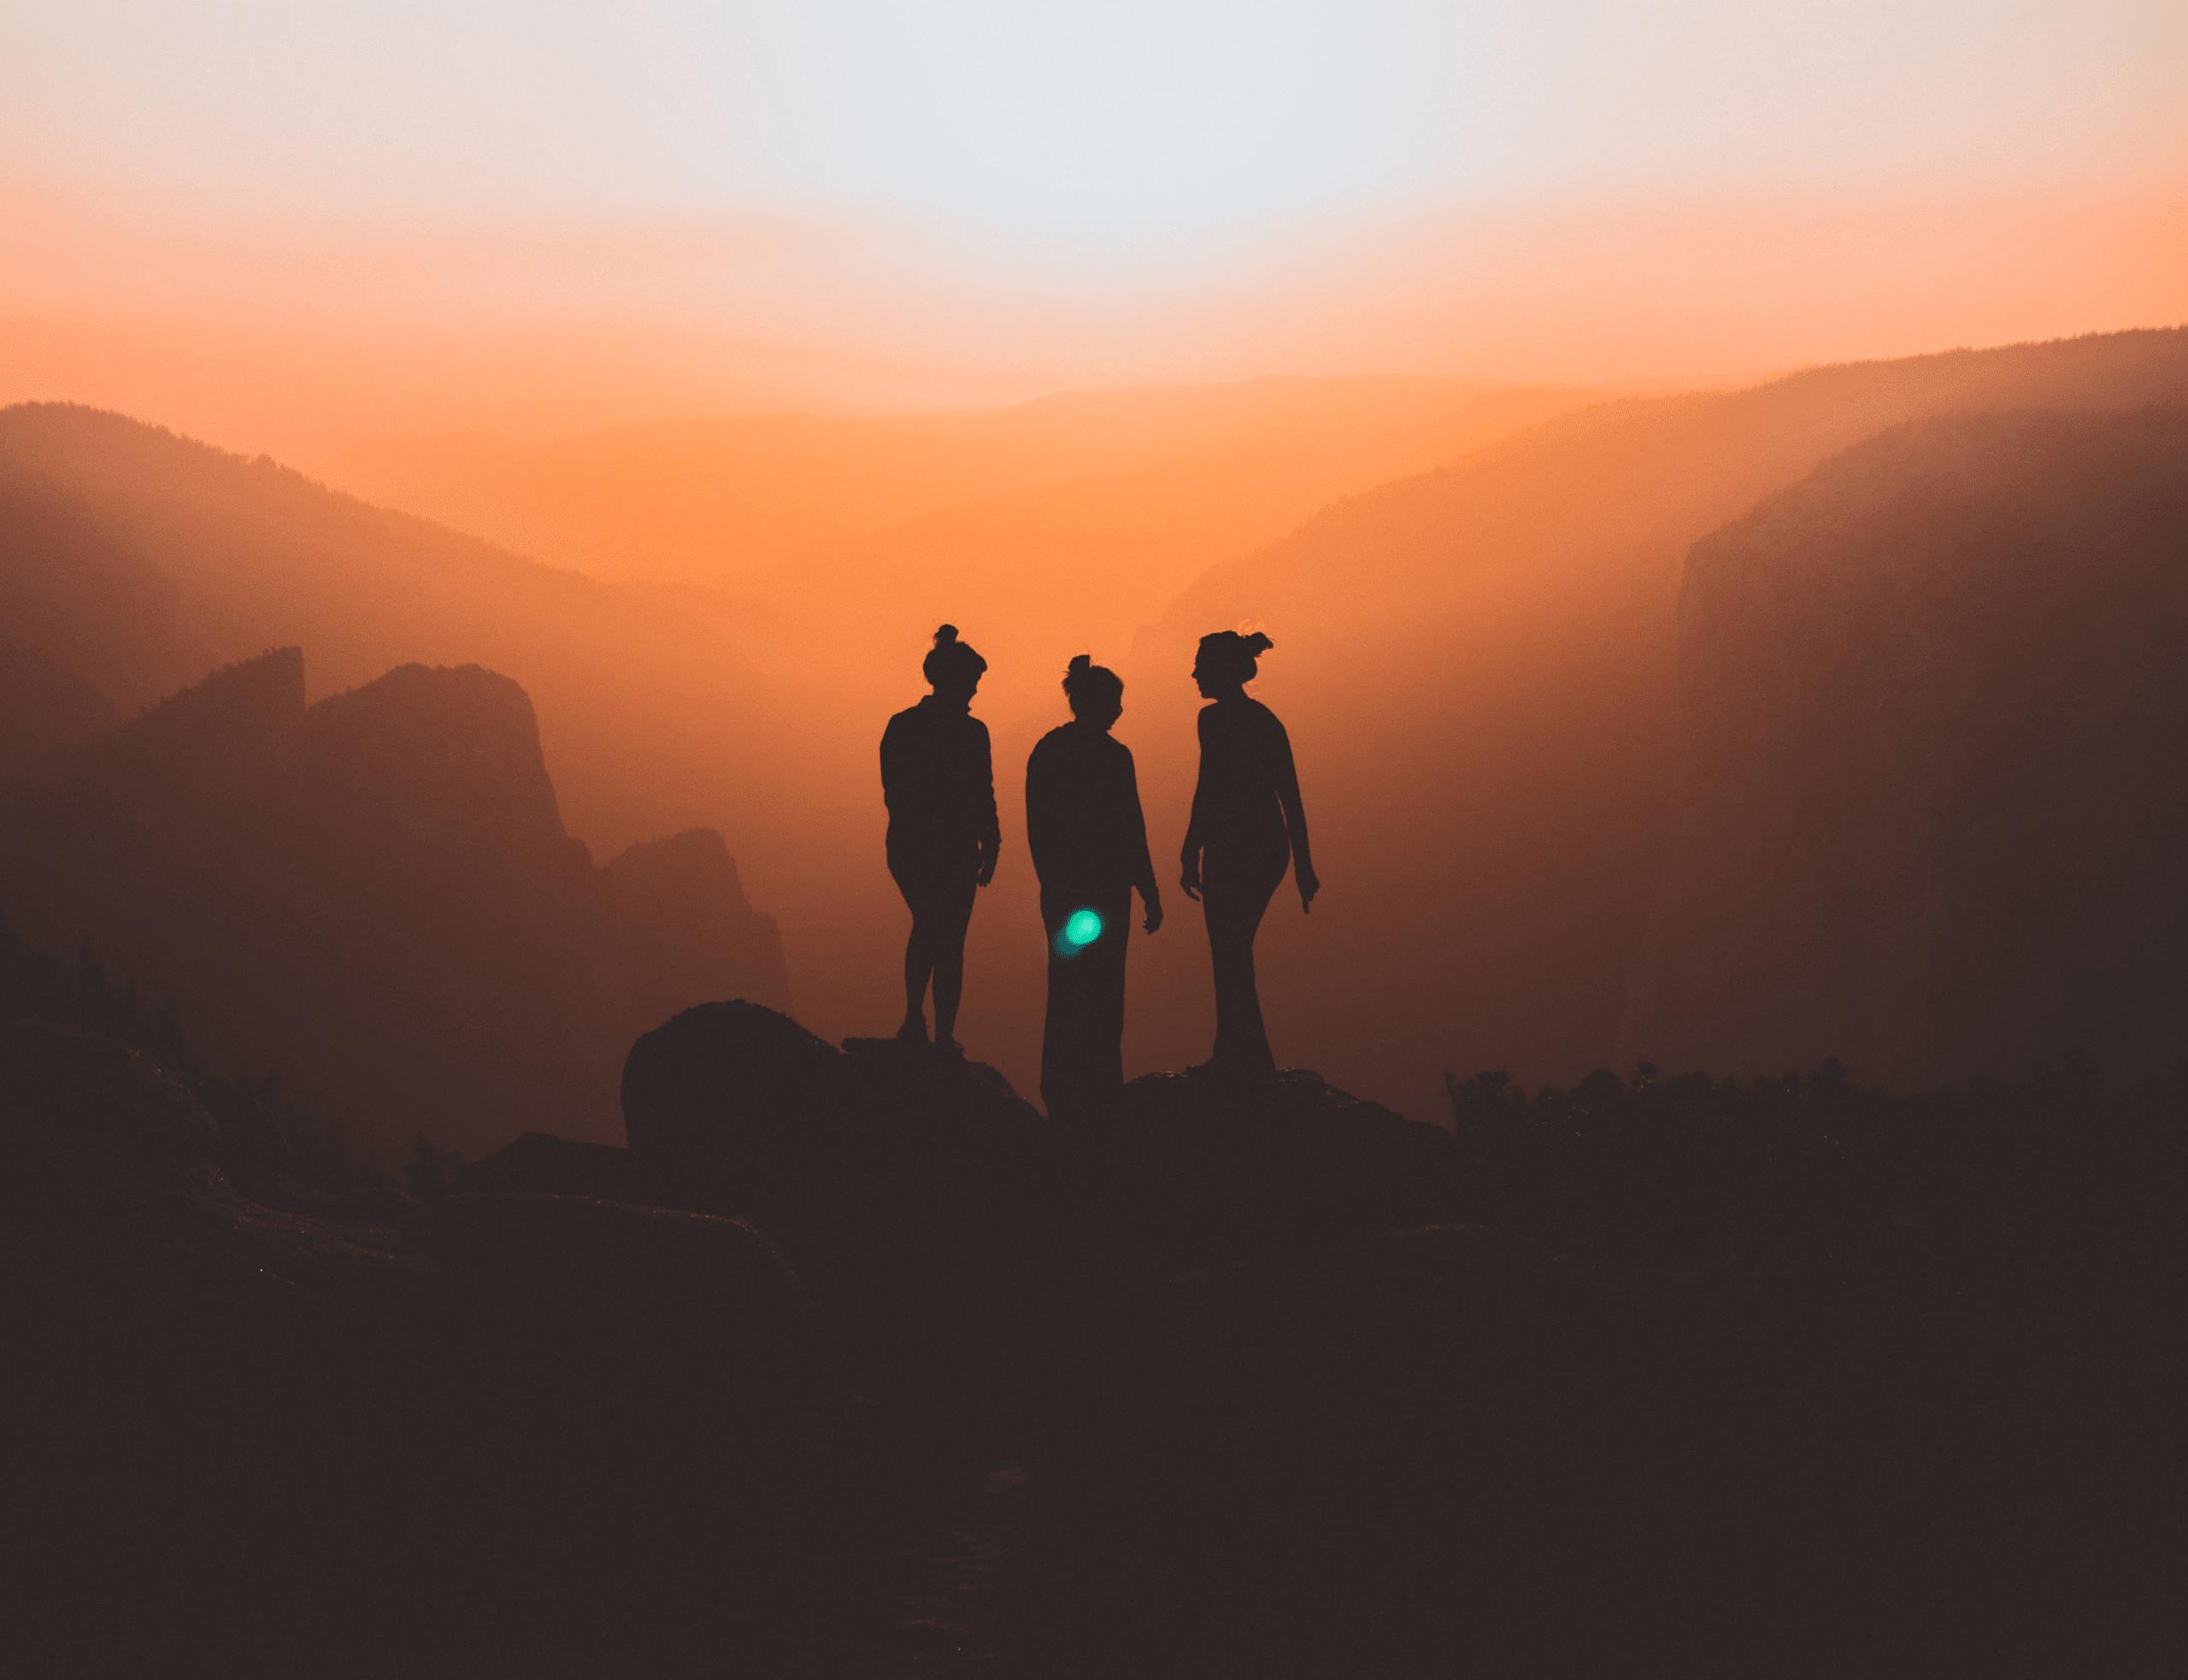 drei Personen auf einem Berggipfel